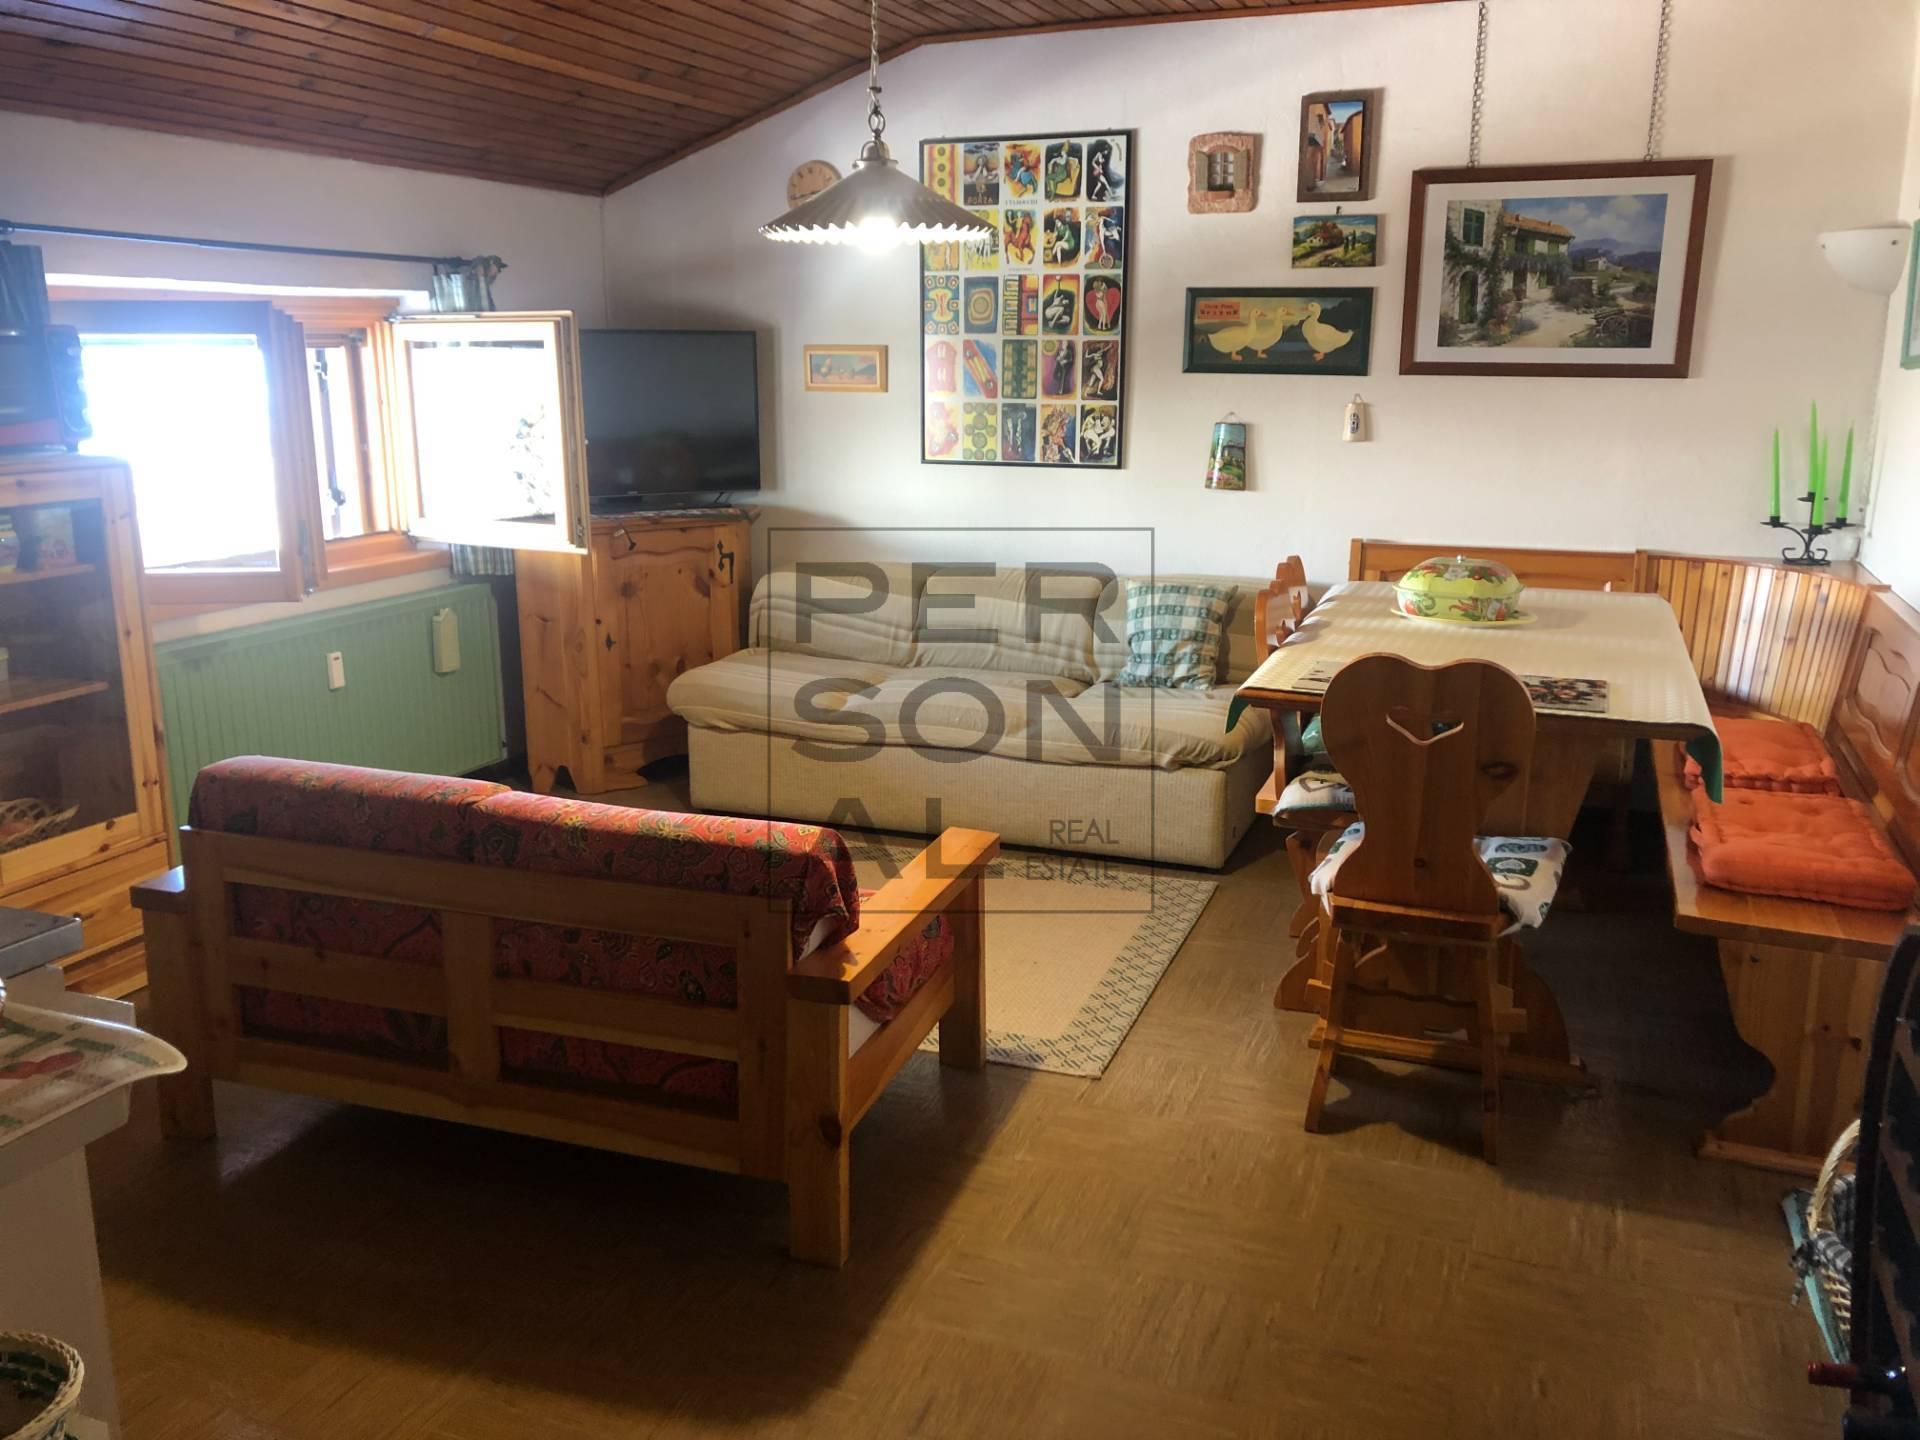 Appartamento in vendita a Brentonico, 2 locali, zona Località: Polsa, prezzo € 49.000 | CambioCasa.it